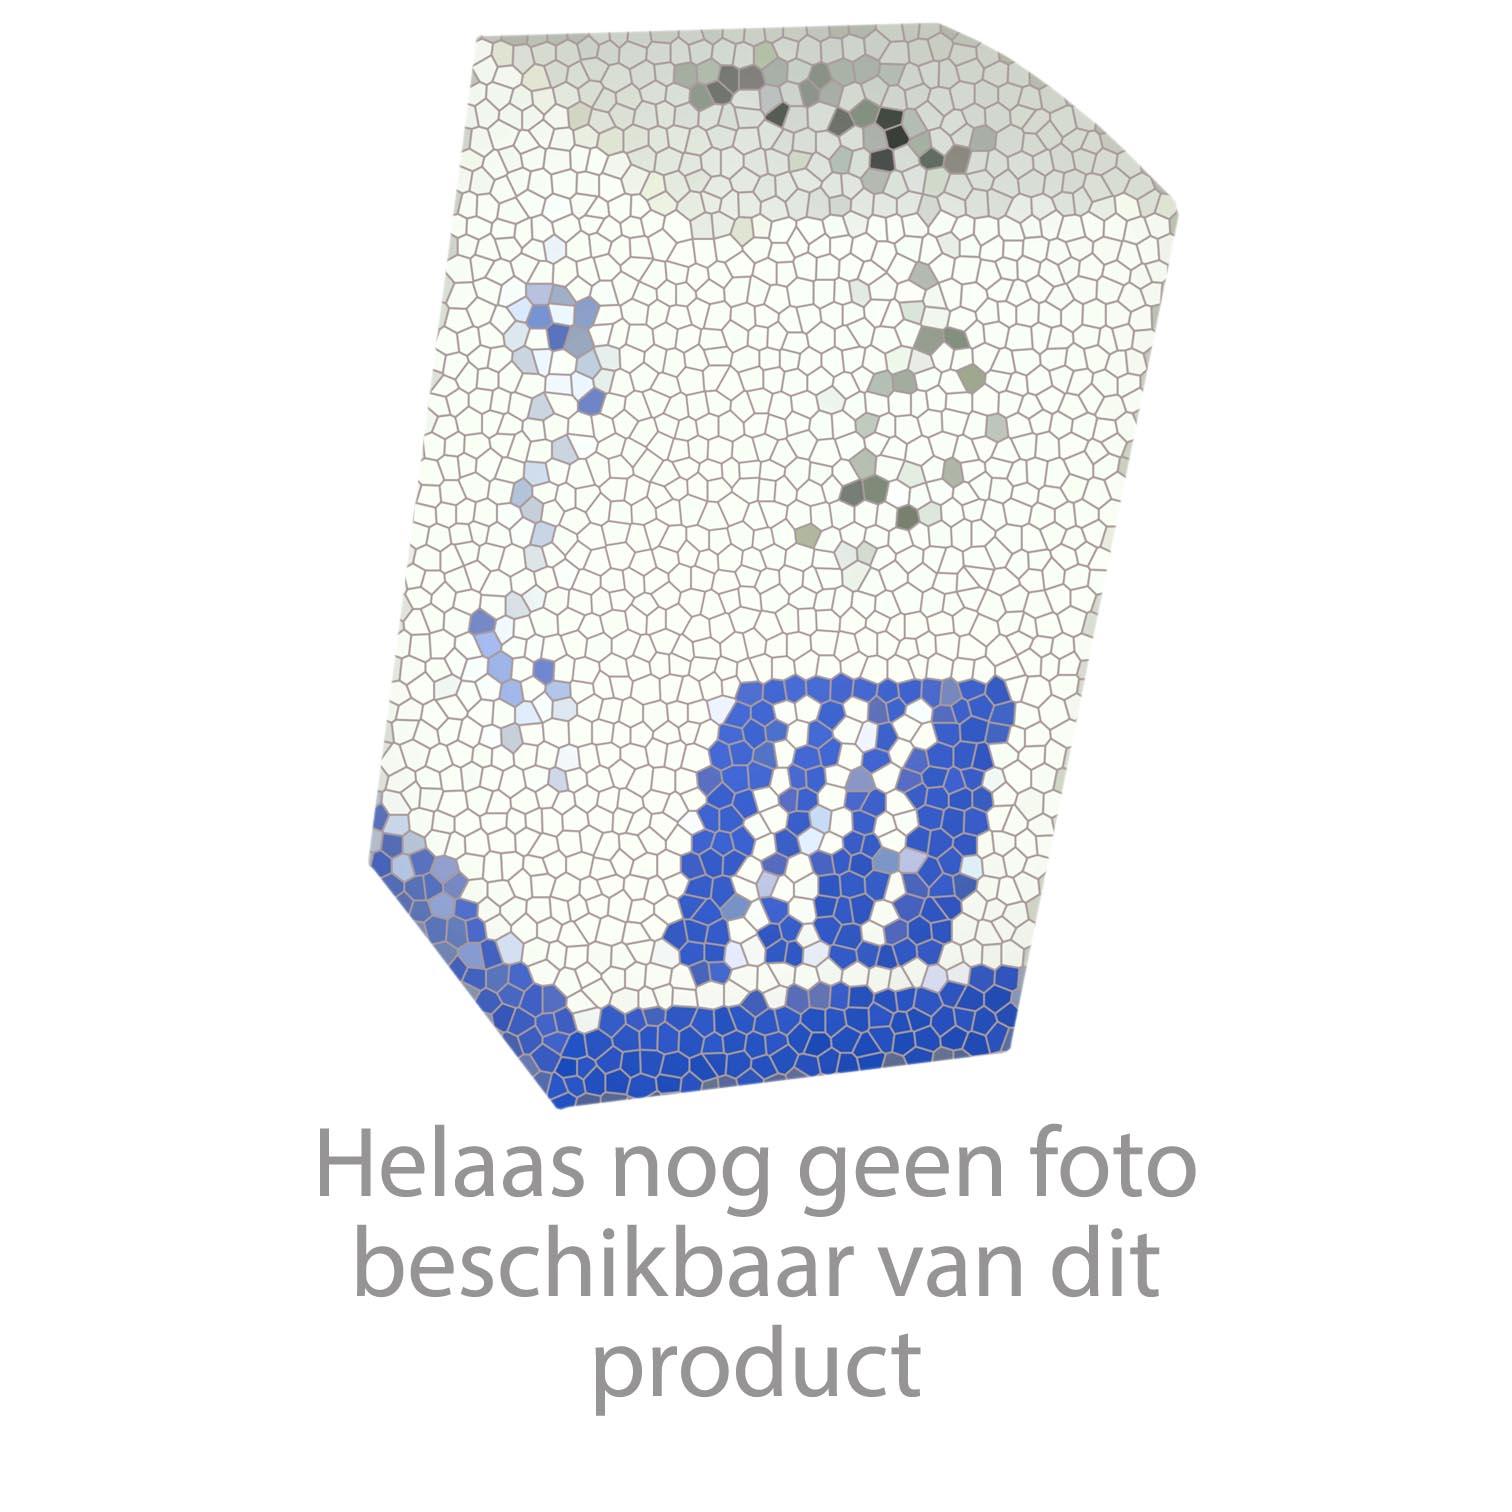 HansGrohe Keukenmengkranen Allegra Linea (Metropol) / Allegra Solida (Metris) productiejaar 02/96 - 12/01 31800000 onderdelen